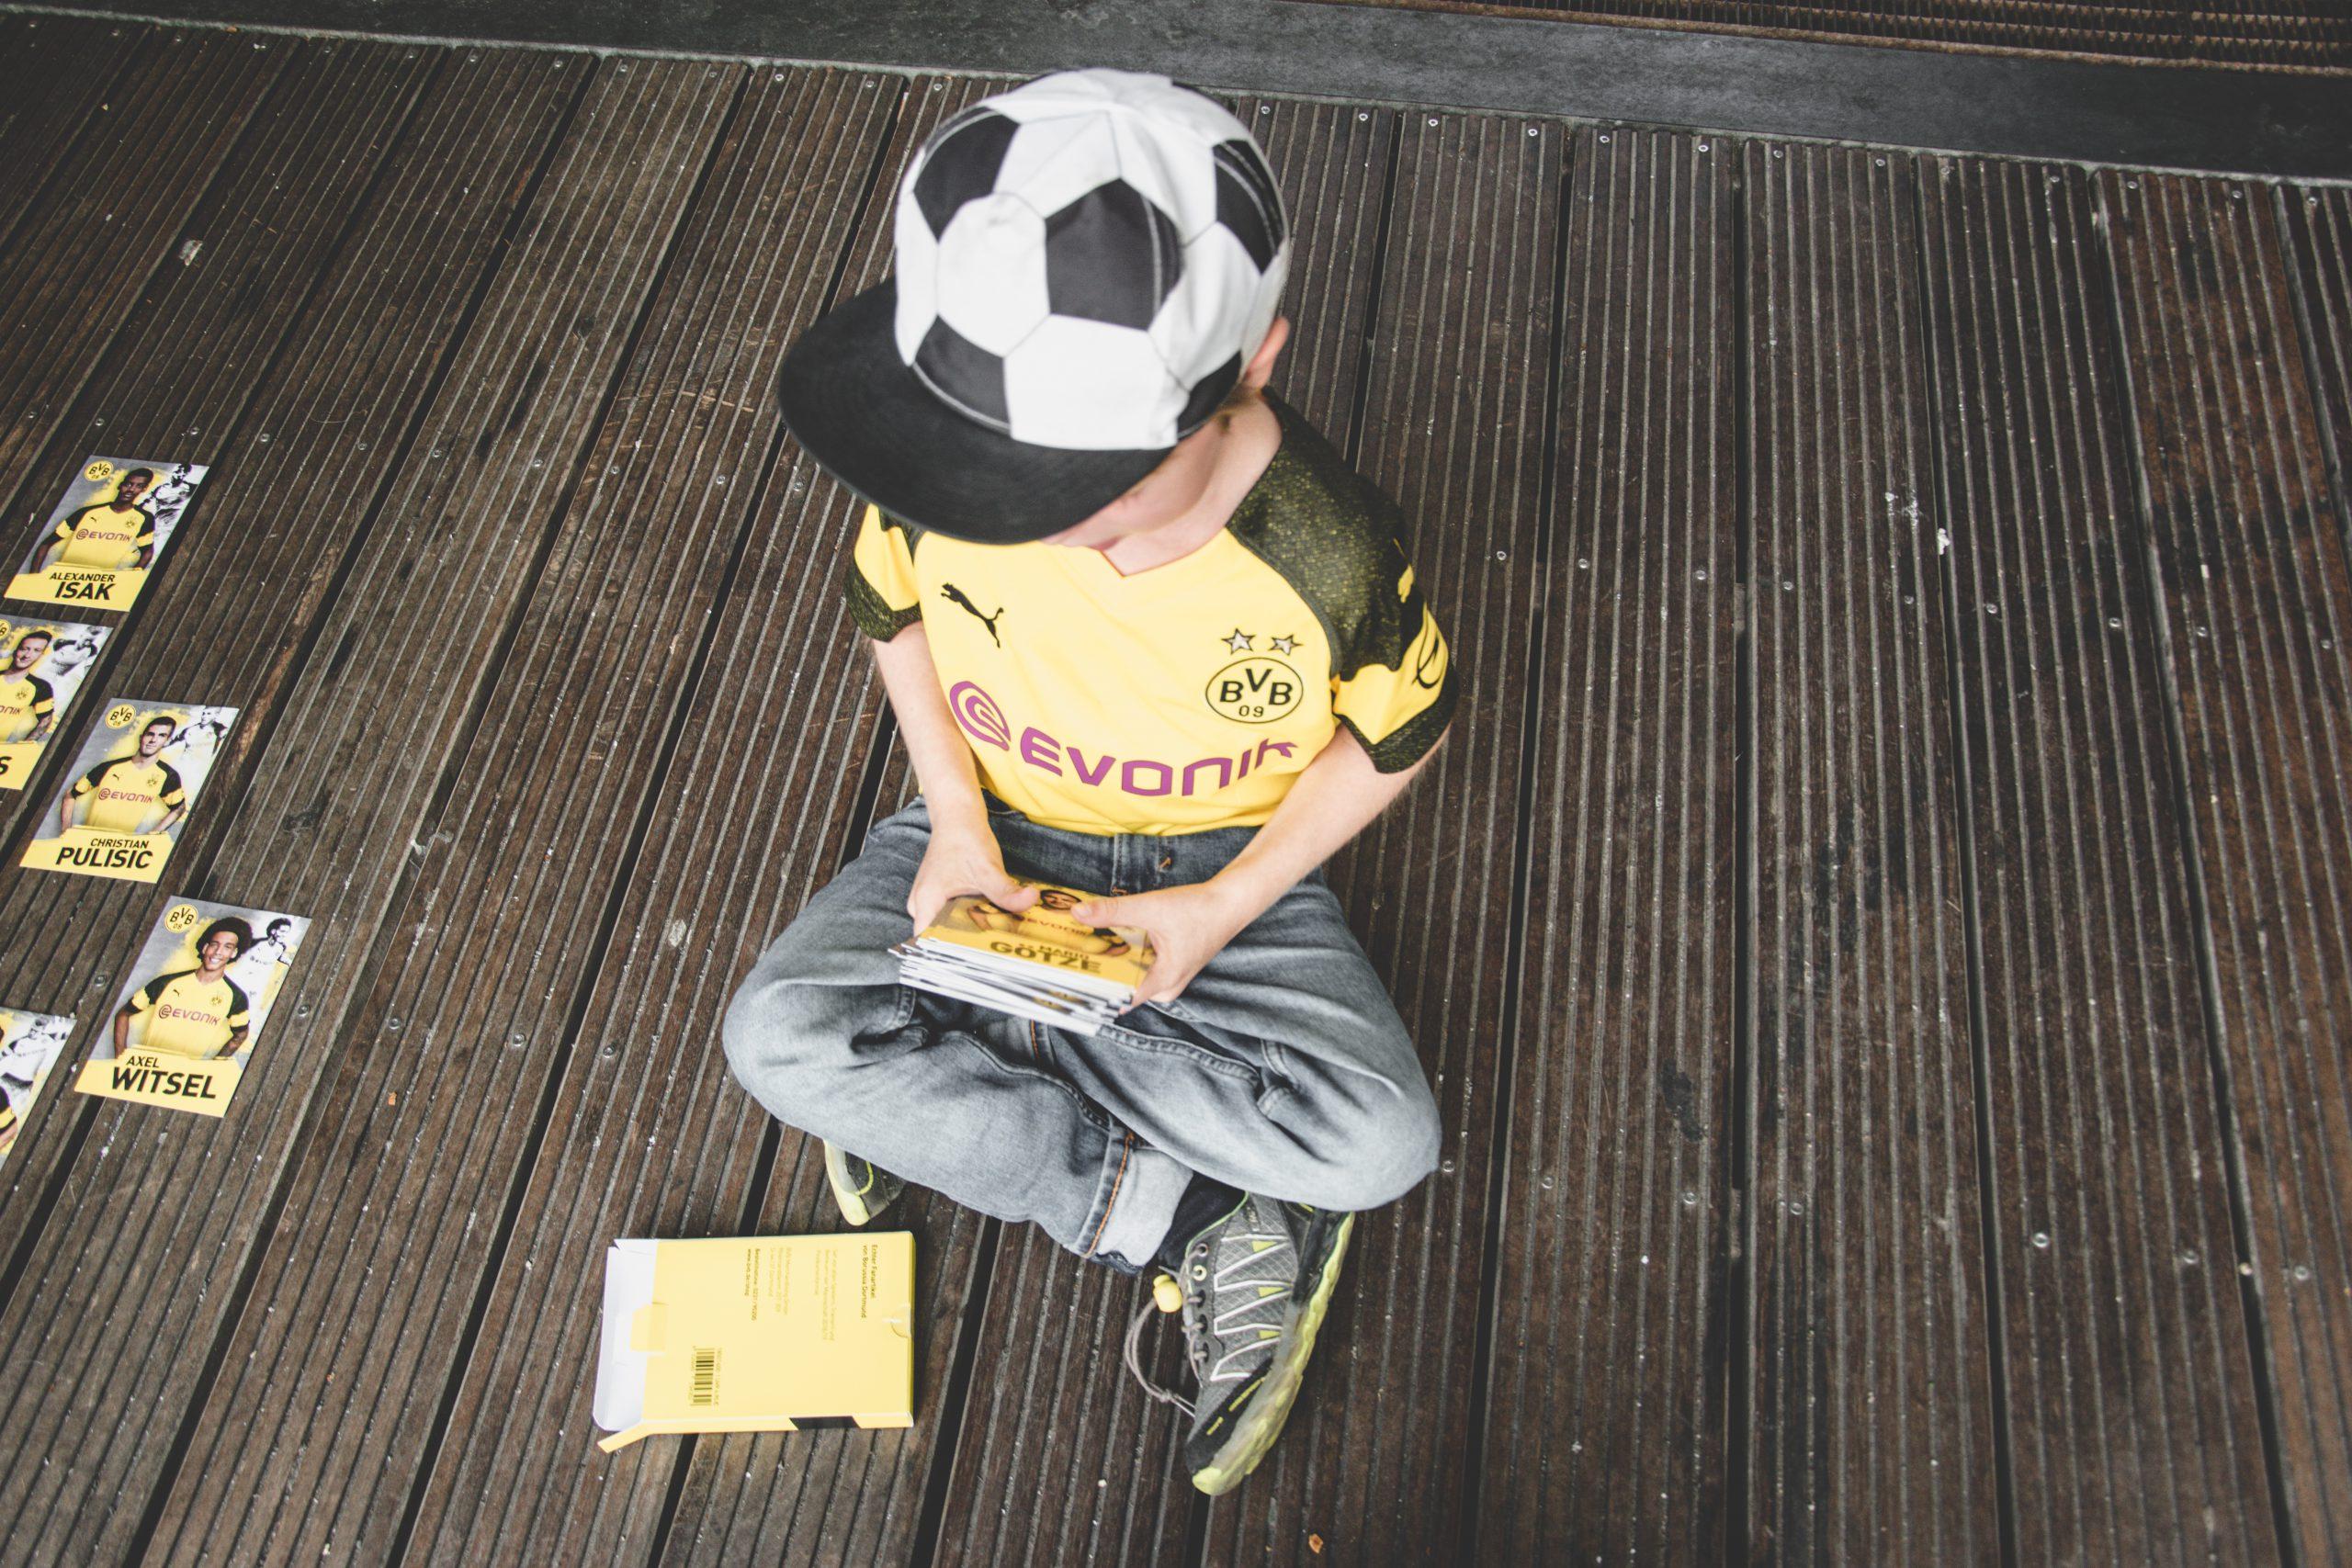 Ein Traum Wird Wahr Mit Dem Bvb Kidsclub In Dortmund